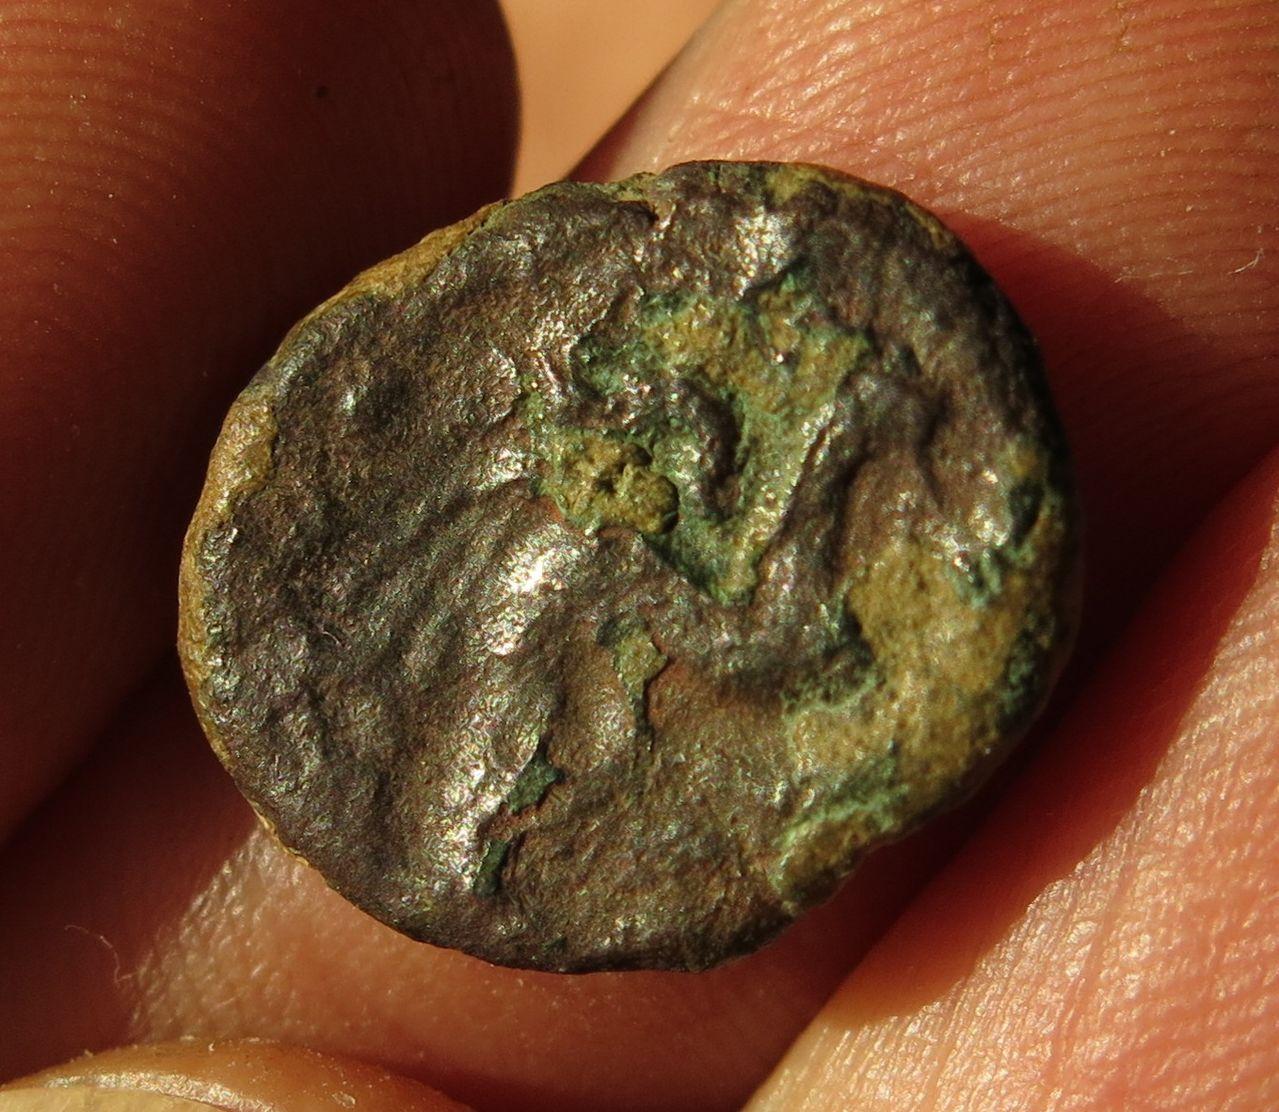 Identificarcion y data moneda con caballo alado. 019